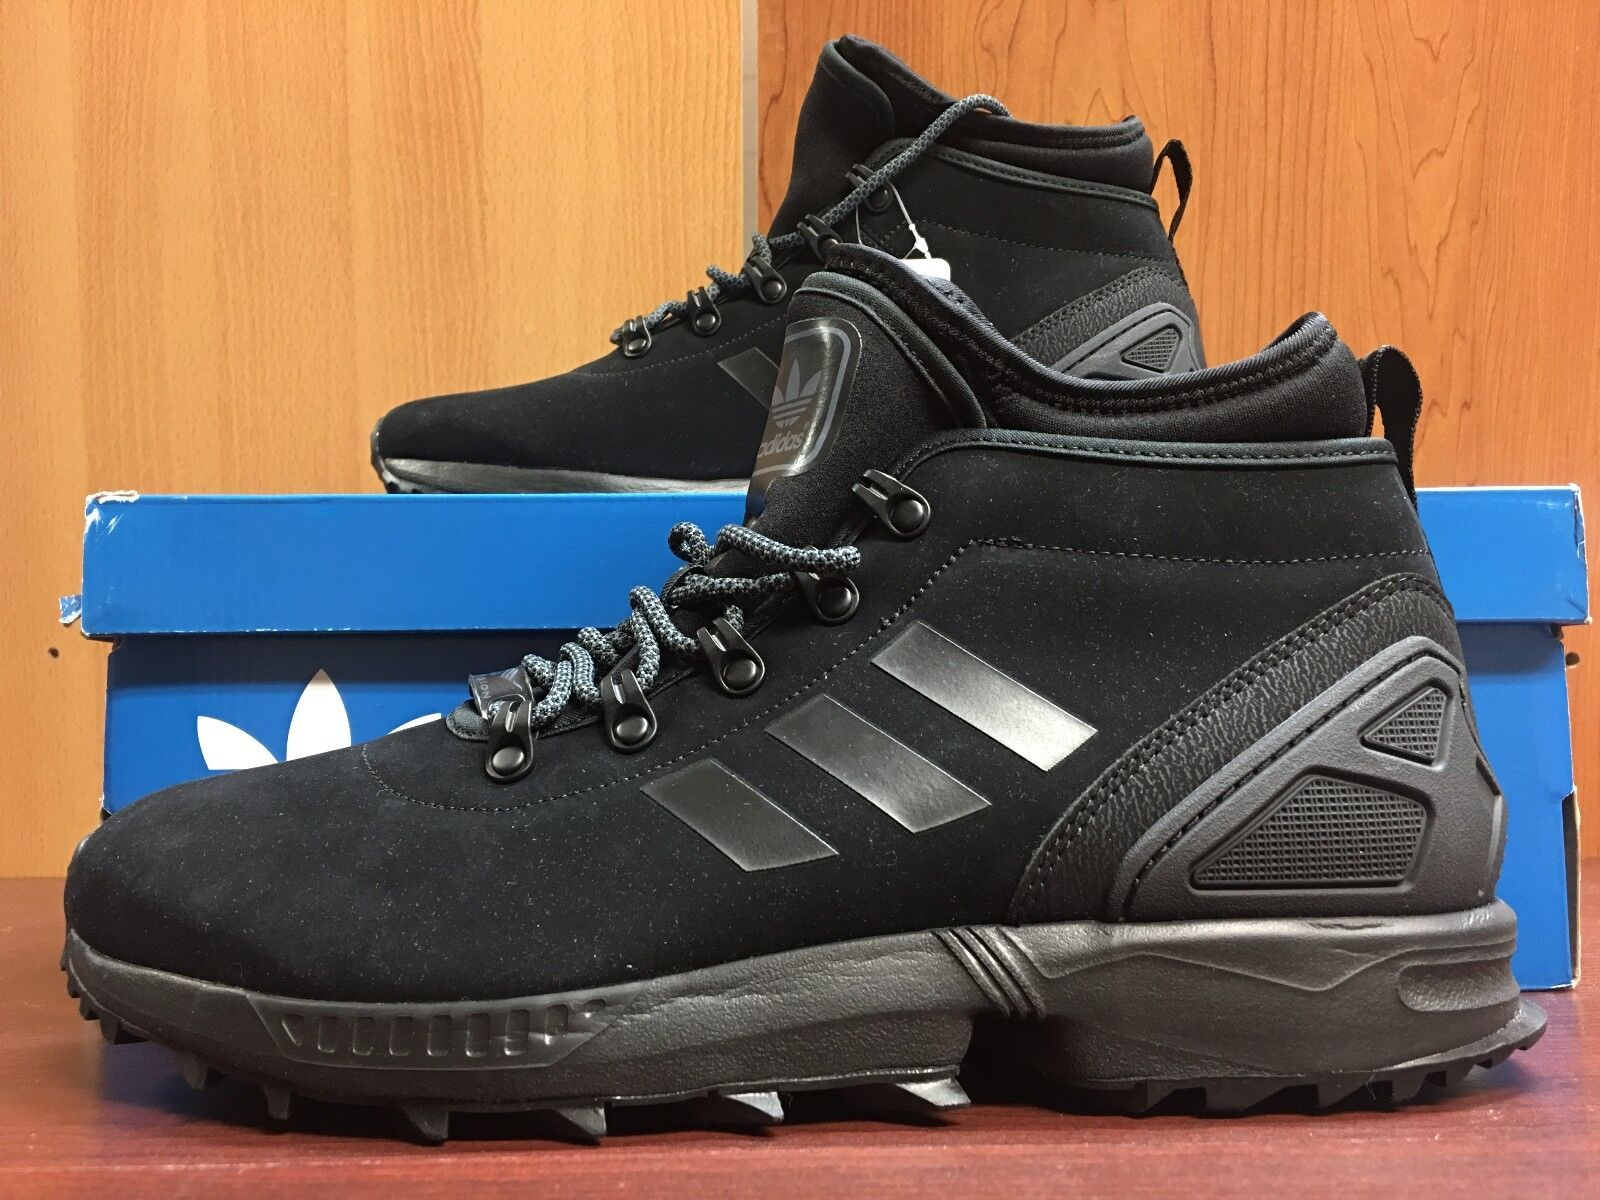 Adidas zx flujo botas de invierno para los hombres original de negro con caja original hombres de reducción de precio 41d529